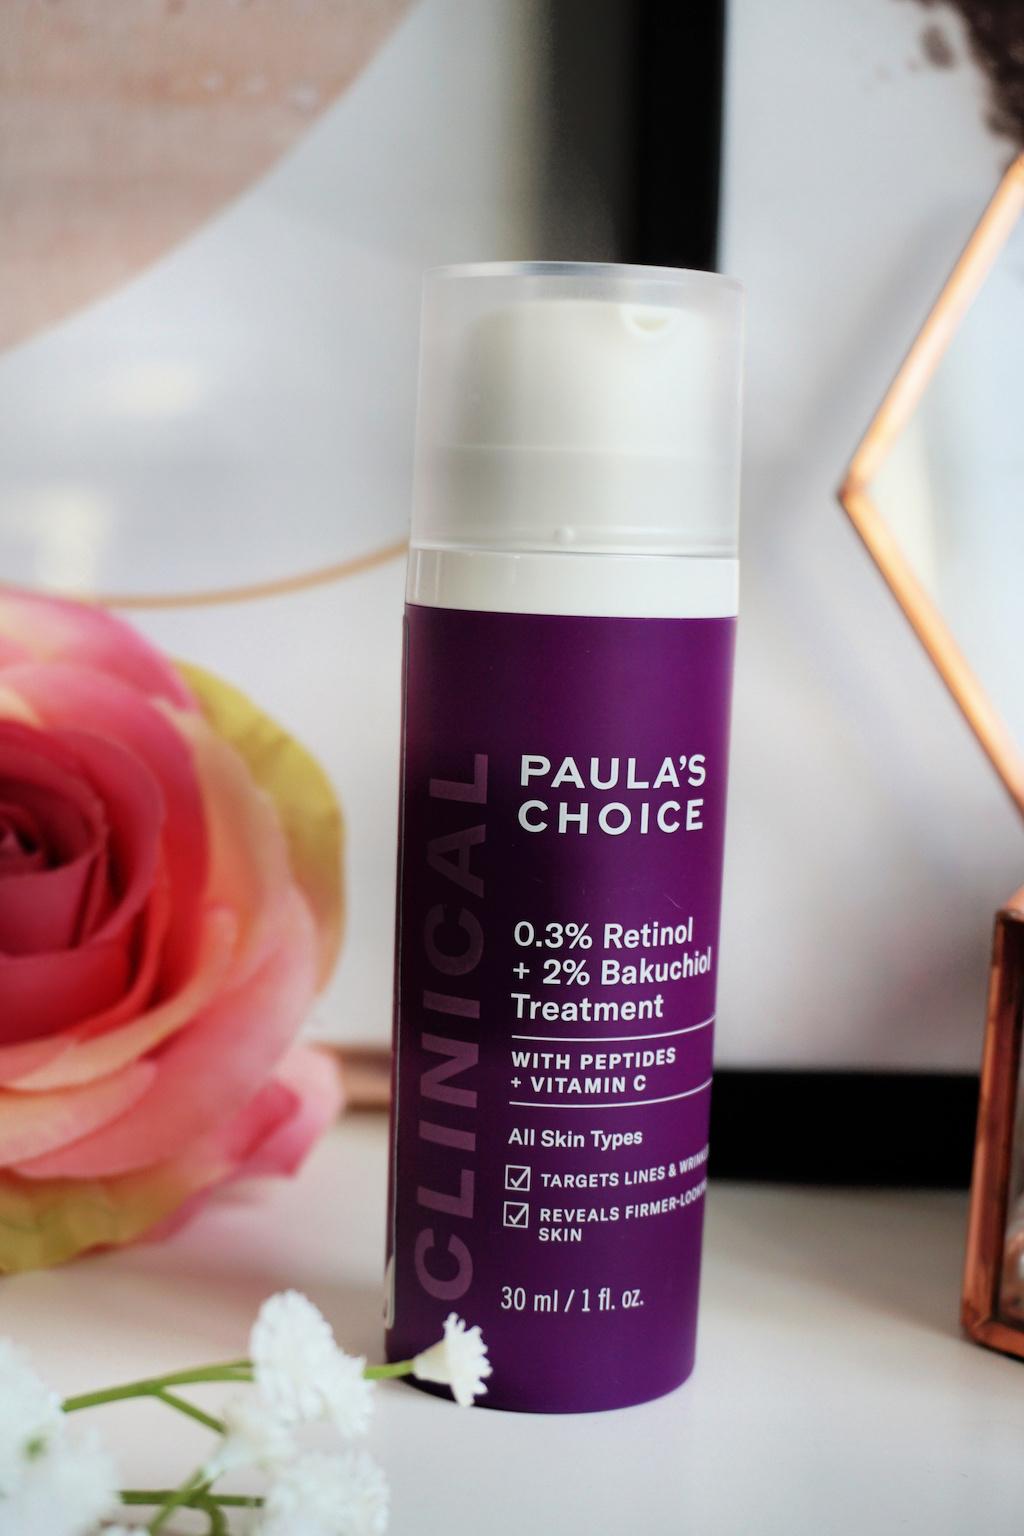 Paula's Choice Clinical 0,3% Retinol + 2% Bakuchiol Treatment Review